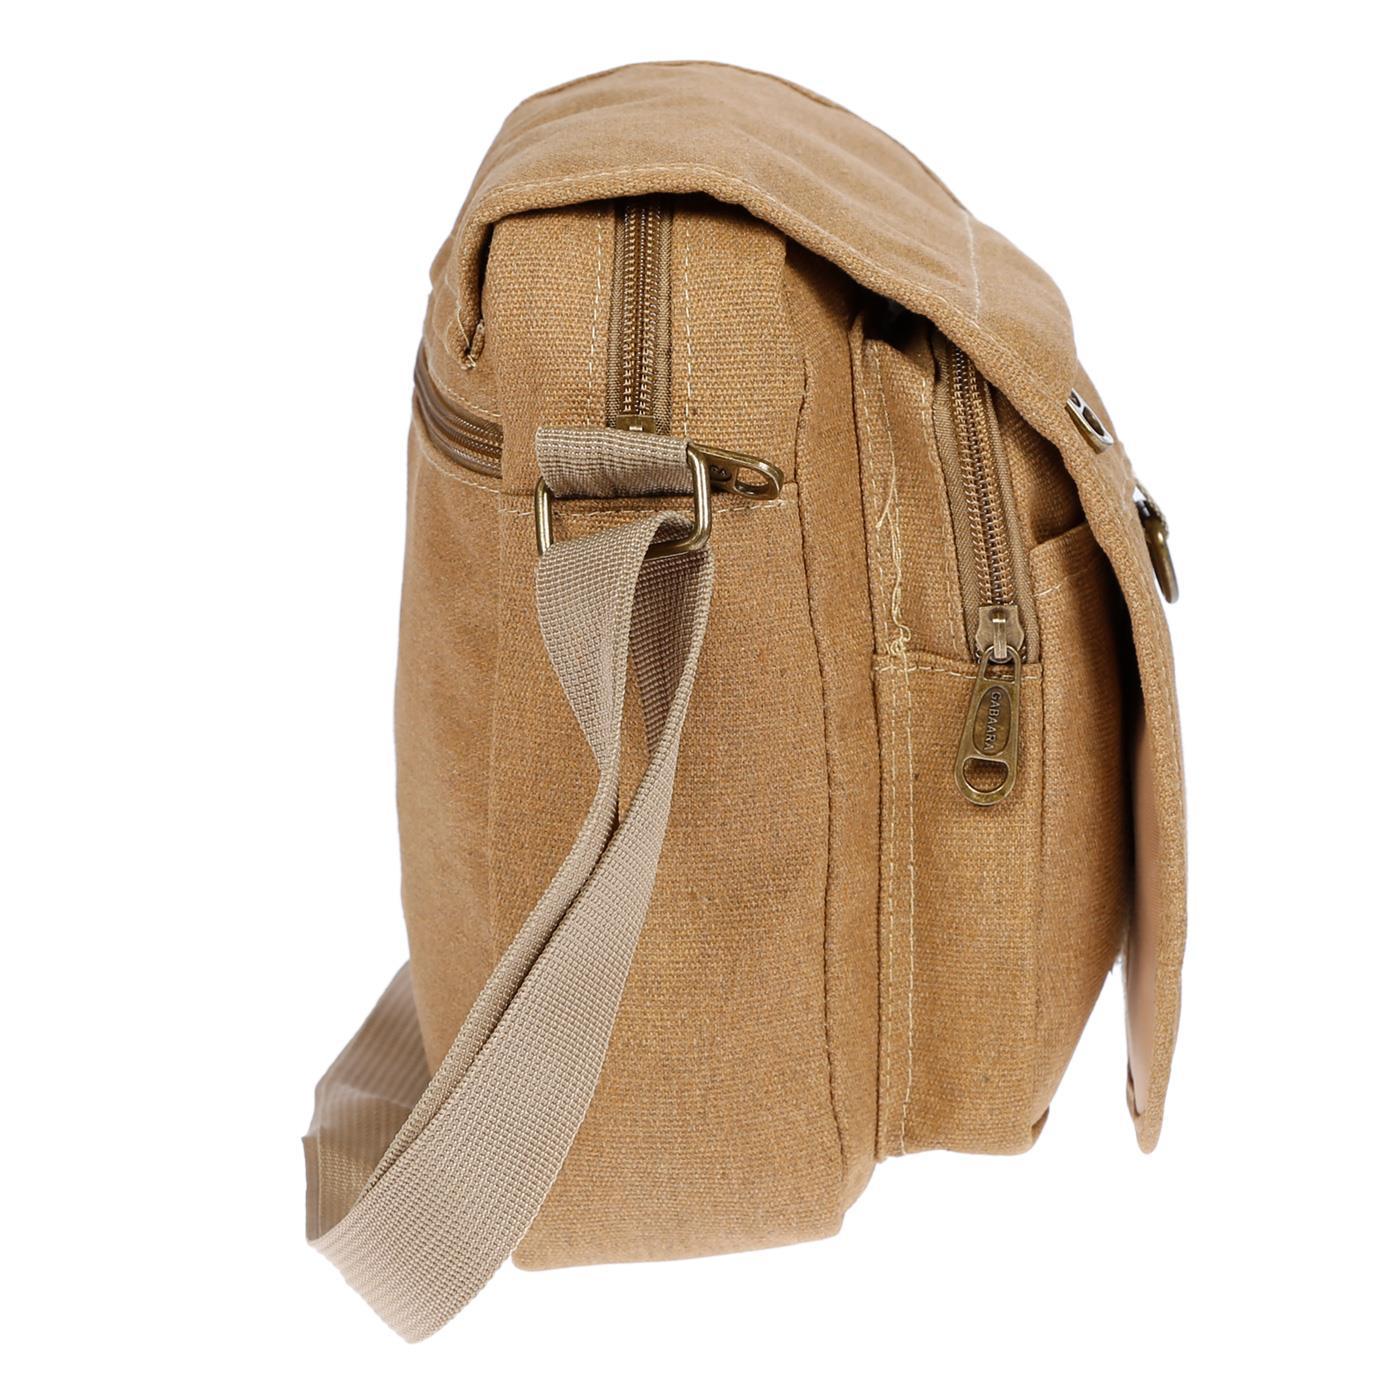 Damen-Herren-Tasche-Canvas-Umhaengetasche-Schultertasche-Crossover-Bag-Handtasche Indexbild 28